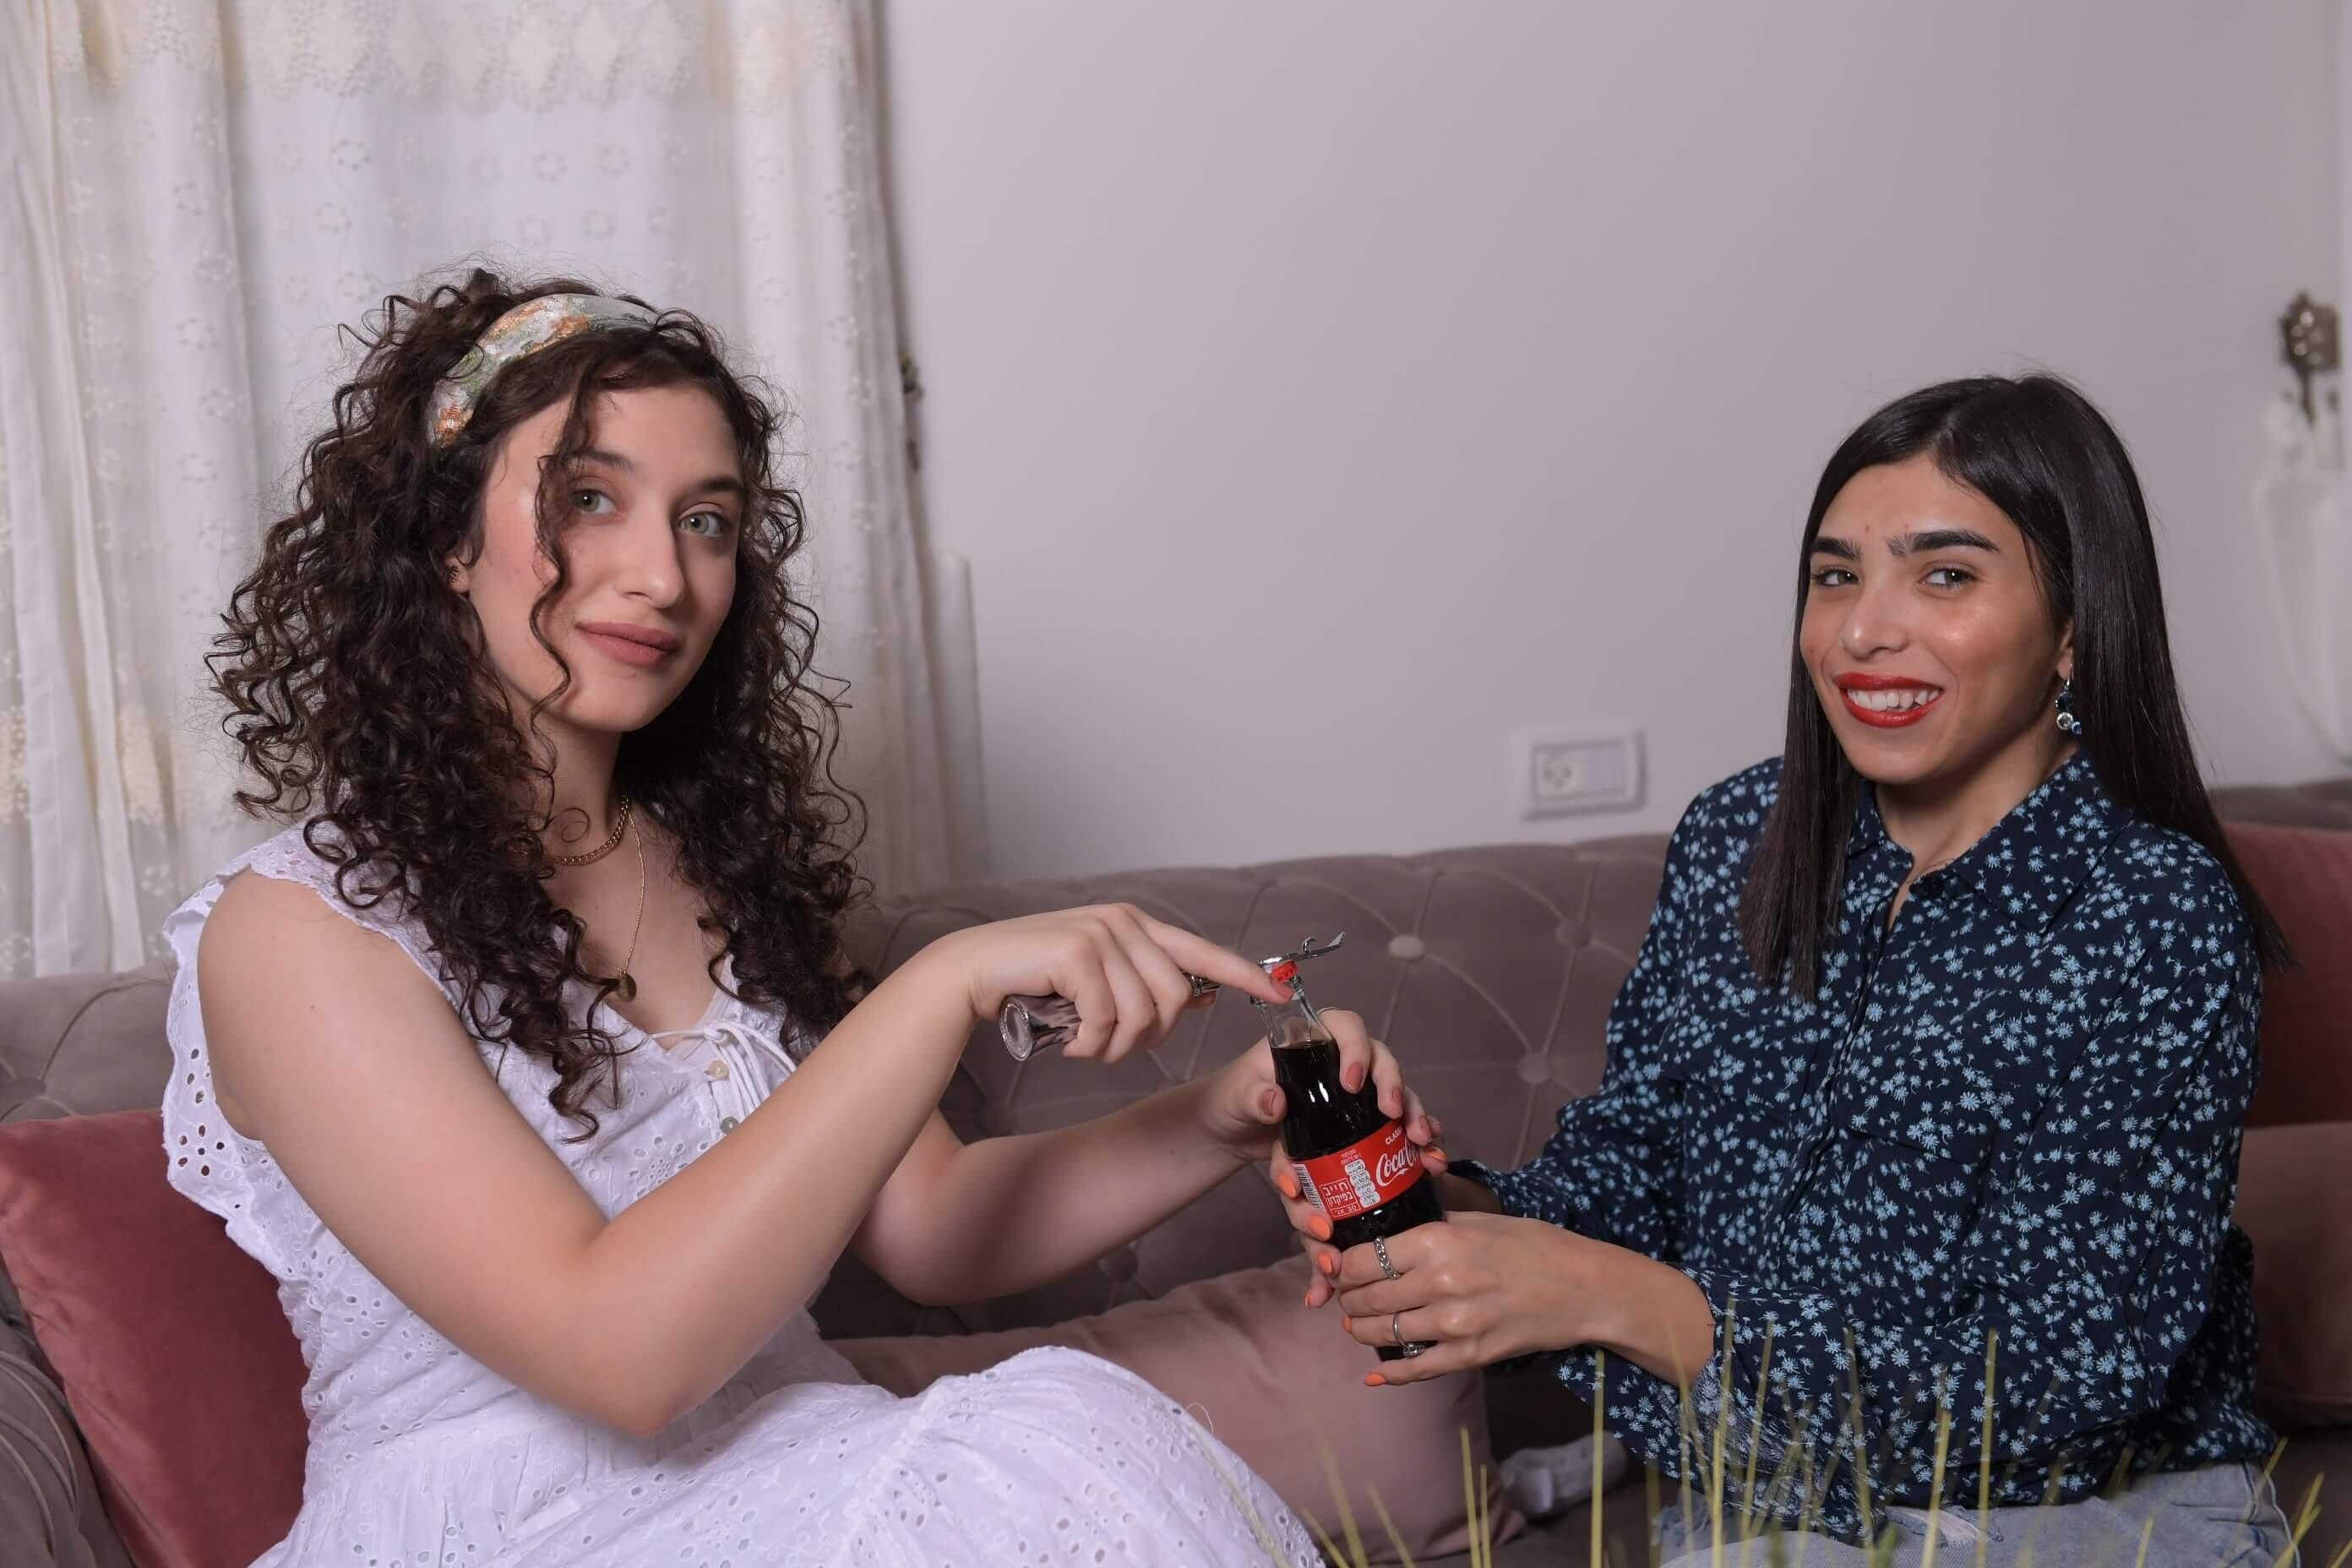 نجاح كبير لفعالية كوكا-كولا الصيفية وتفاعل كبير معها-3